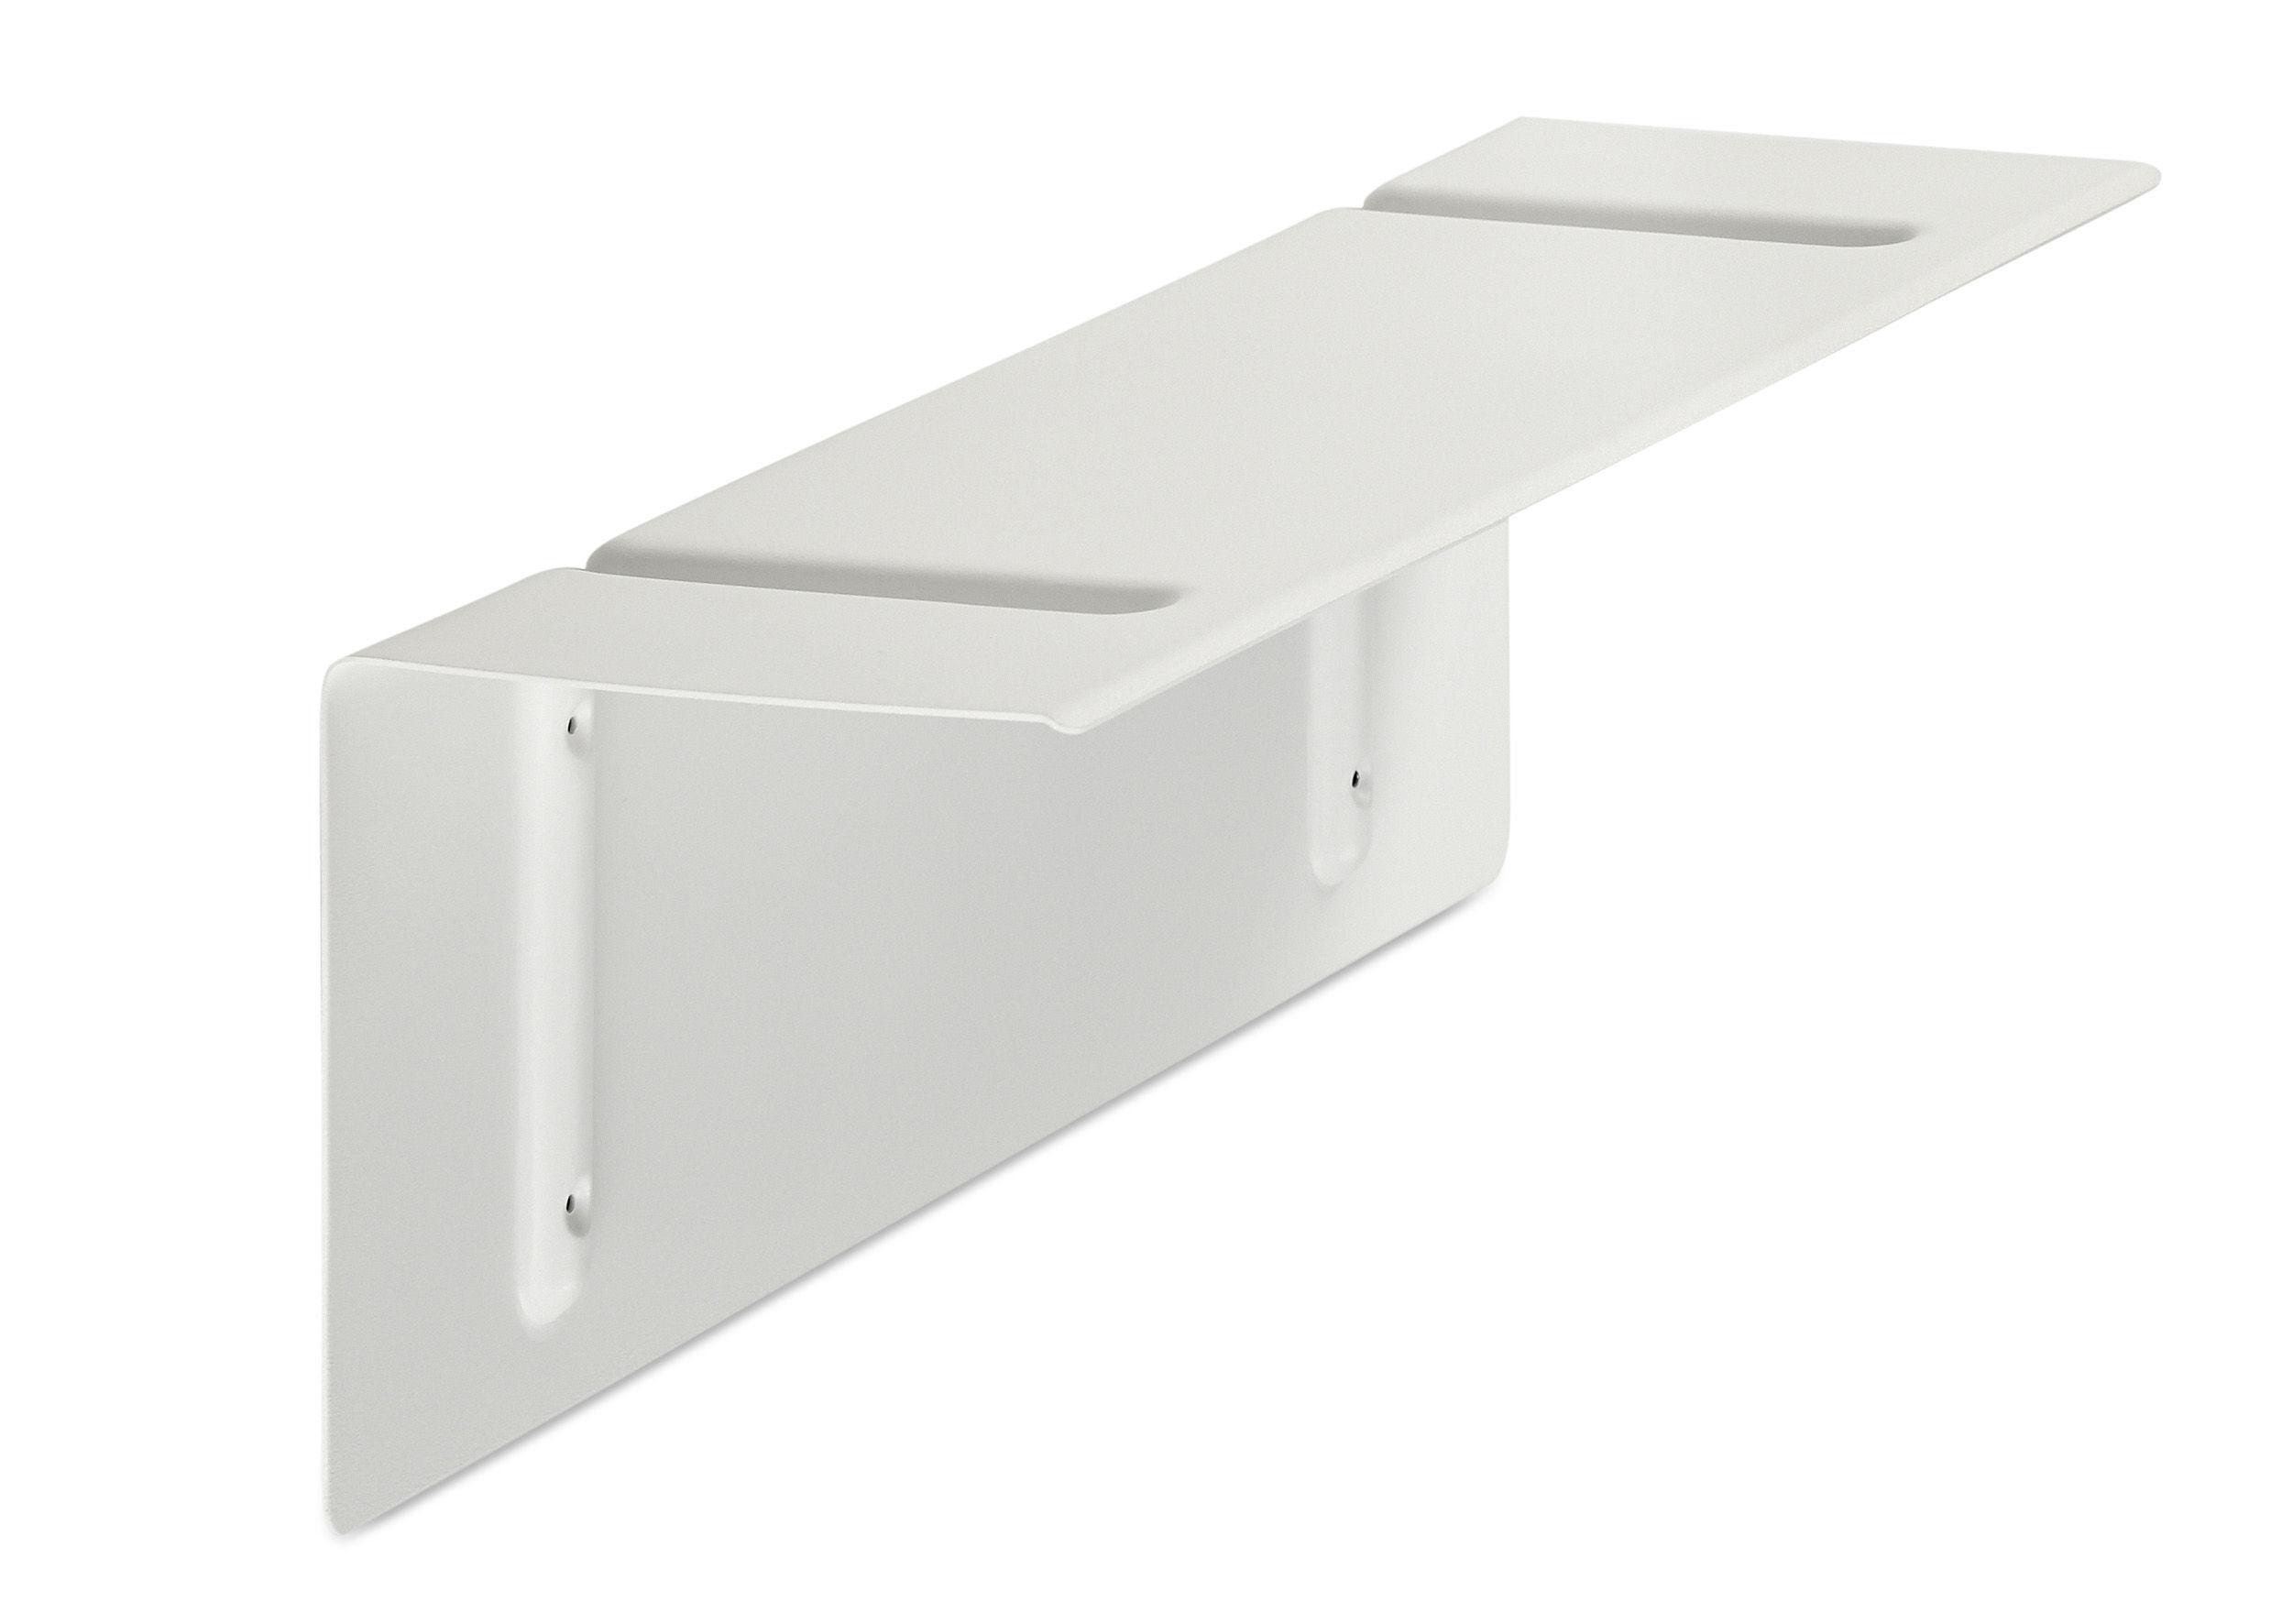 Mobilier - Etagères & bibliothèques - Etagère Brackets Included / L 60 cm - Hay - Blanc - Acier laqué